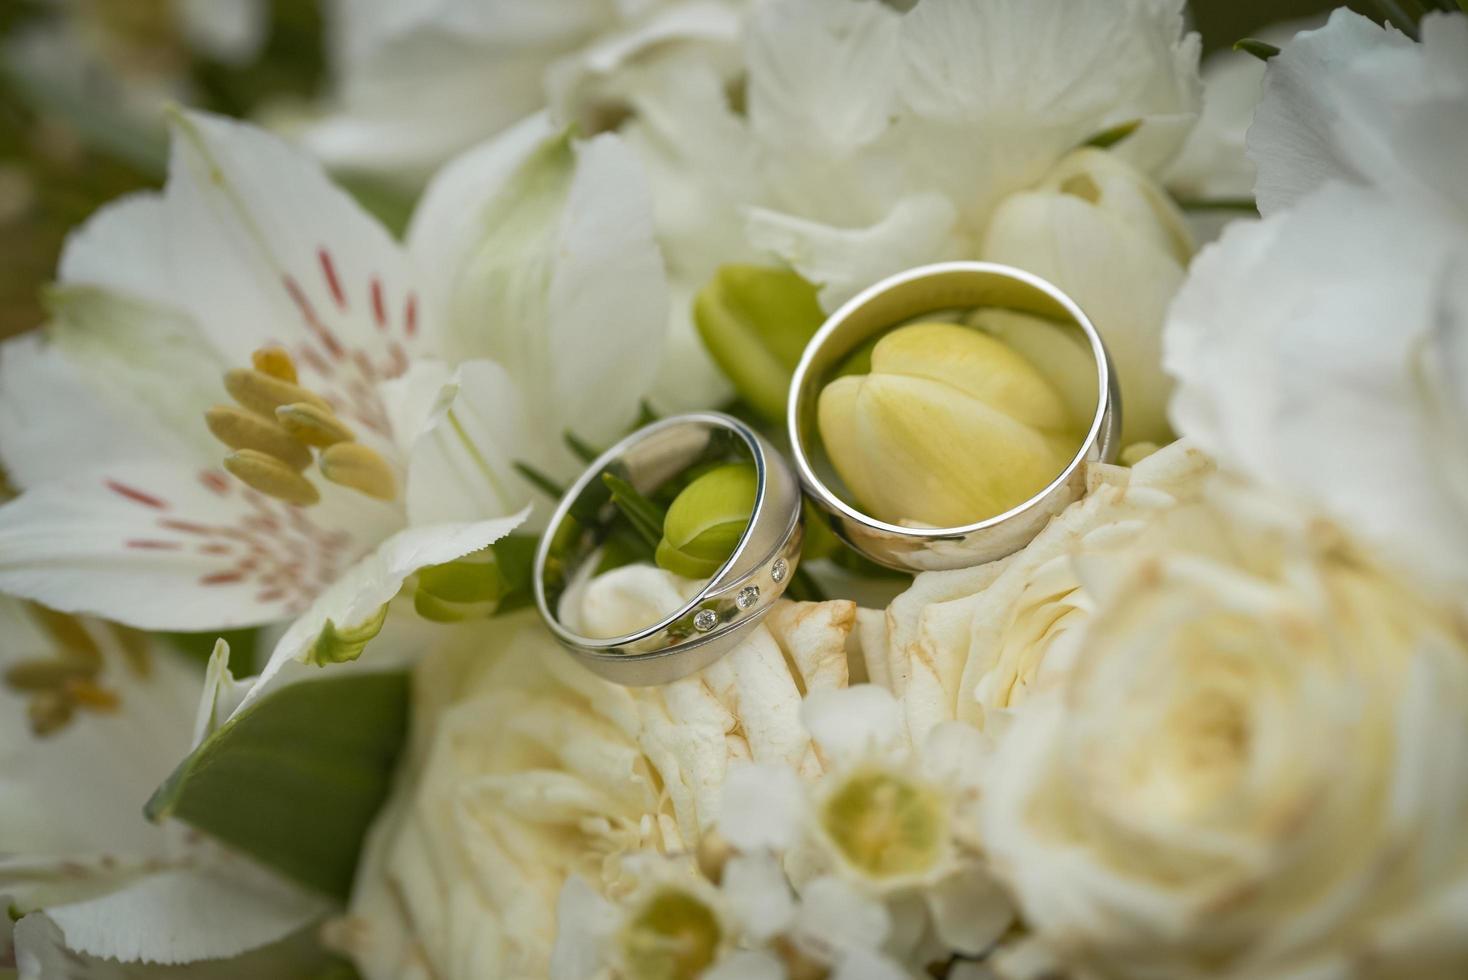 Eheringe auf einem Strauß weißer Blumen foto